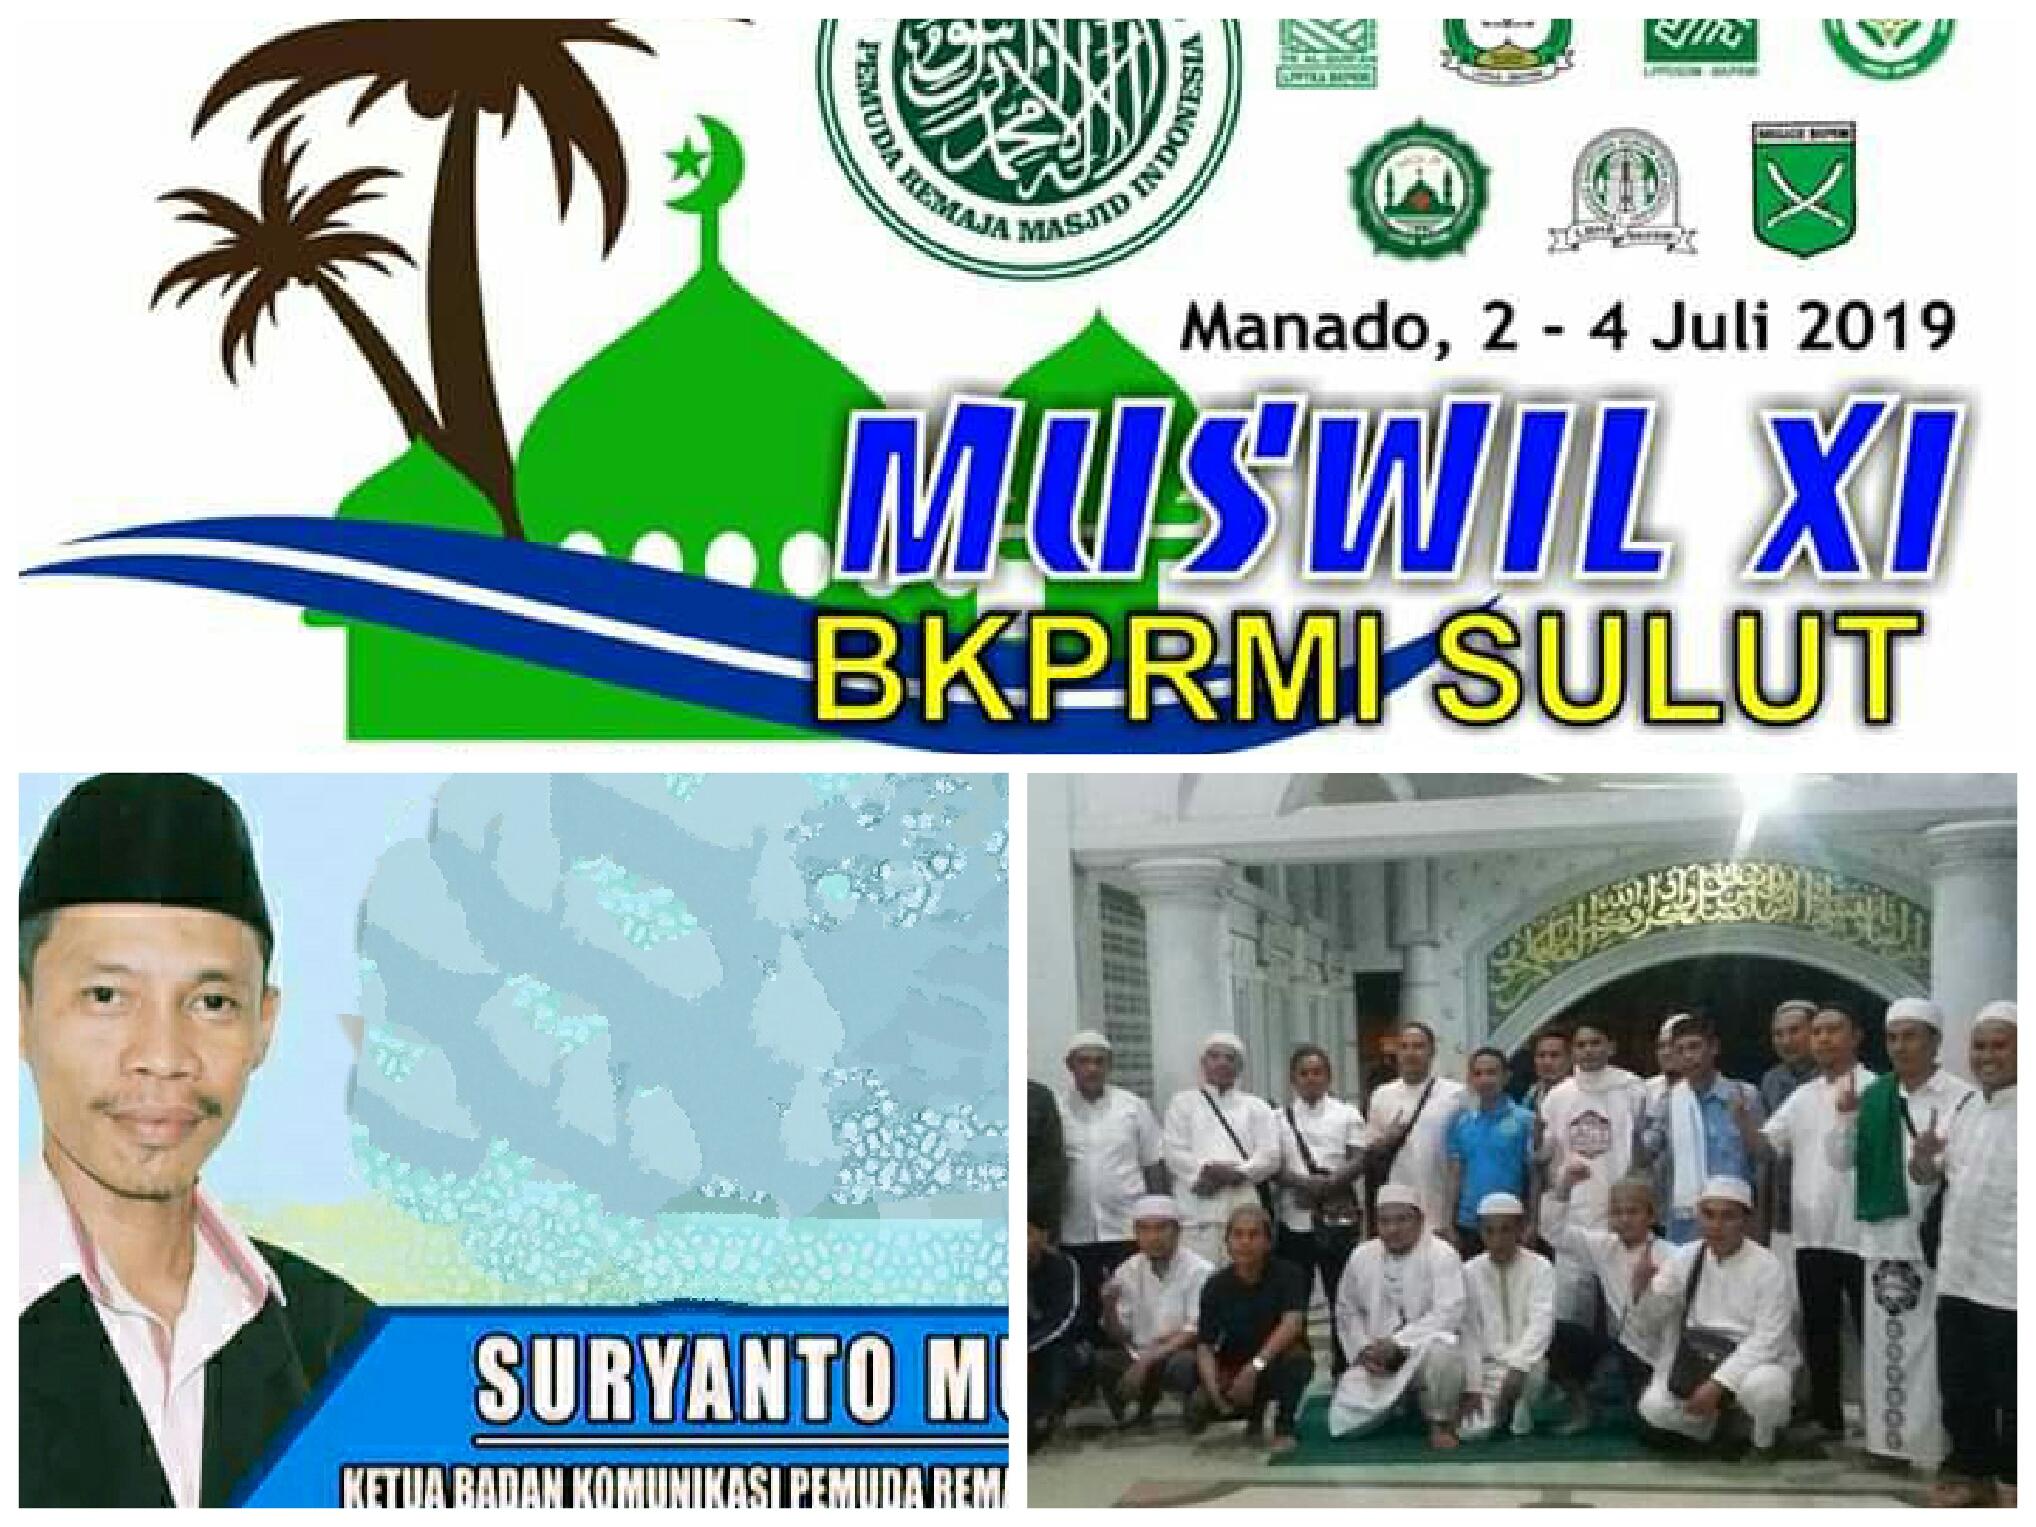 Suryanto Muarif: Saya Siap jadi Ketum BKPRMI Sulut Jika Diamanahkan